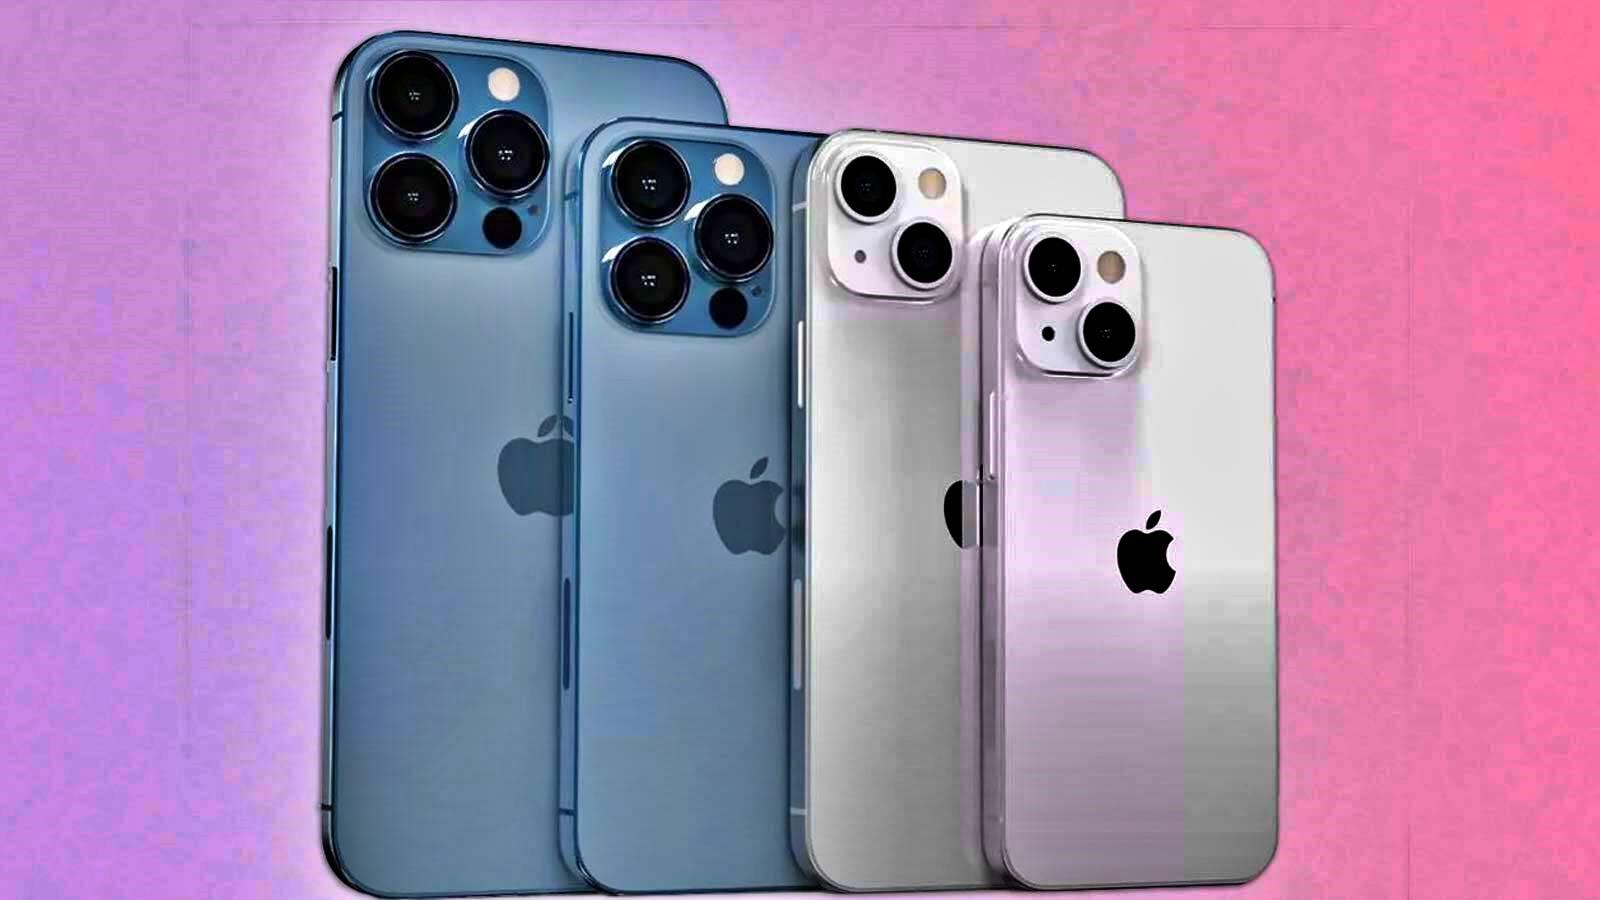 Seria iPhone 13 va cuprinde patru modele